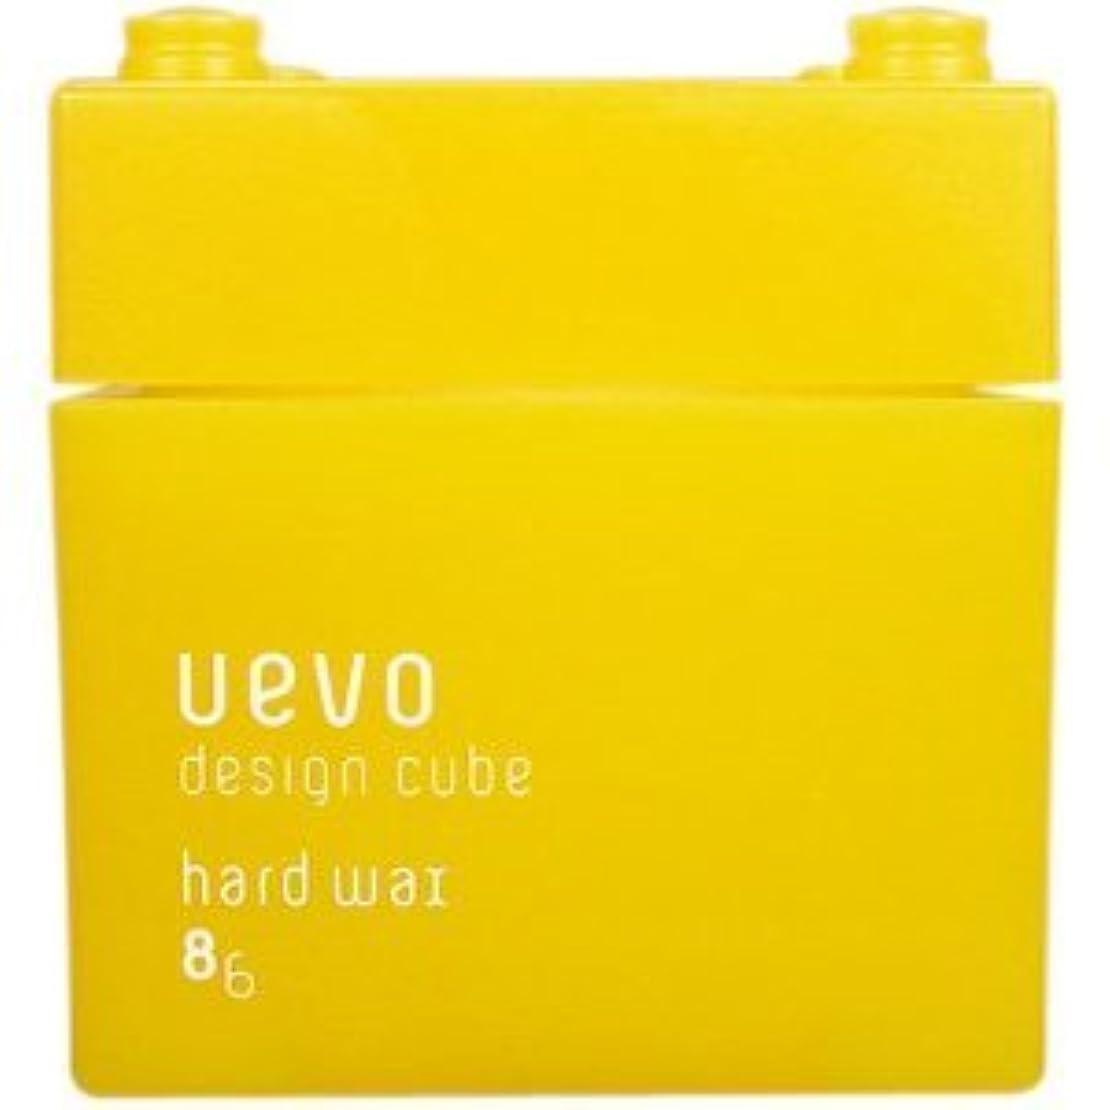 導出線形検出器【X3個セット】 デミ ウェーボ デザインキューブ ハードワックス 80g hard wax DEMI uevo design cube